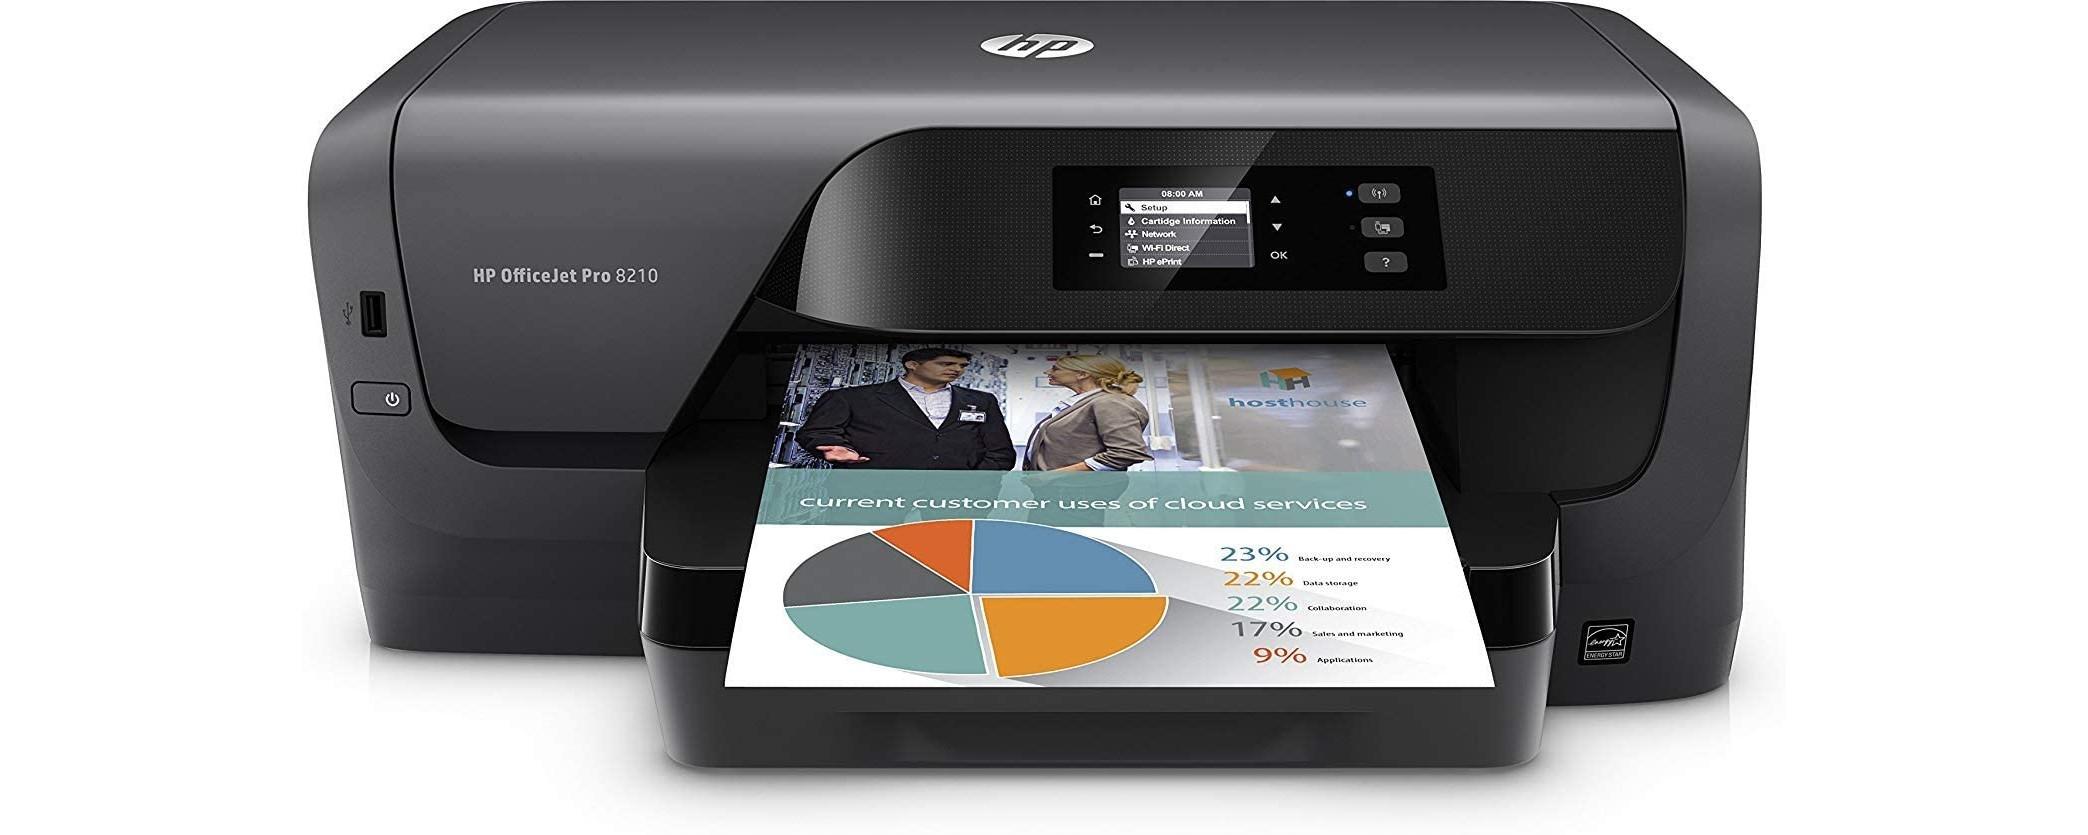 Cartuchos HP OfficeJet Pro 8210